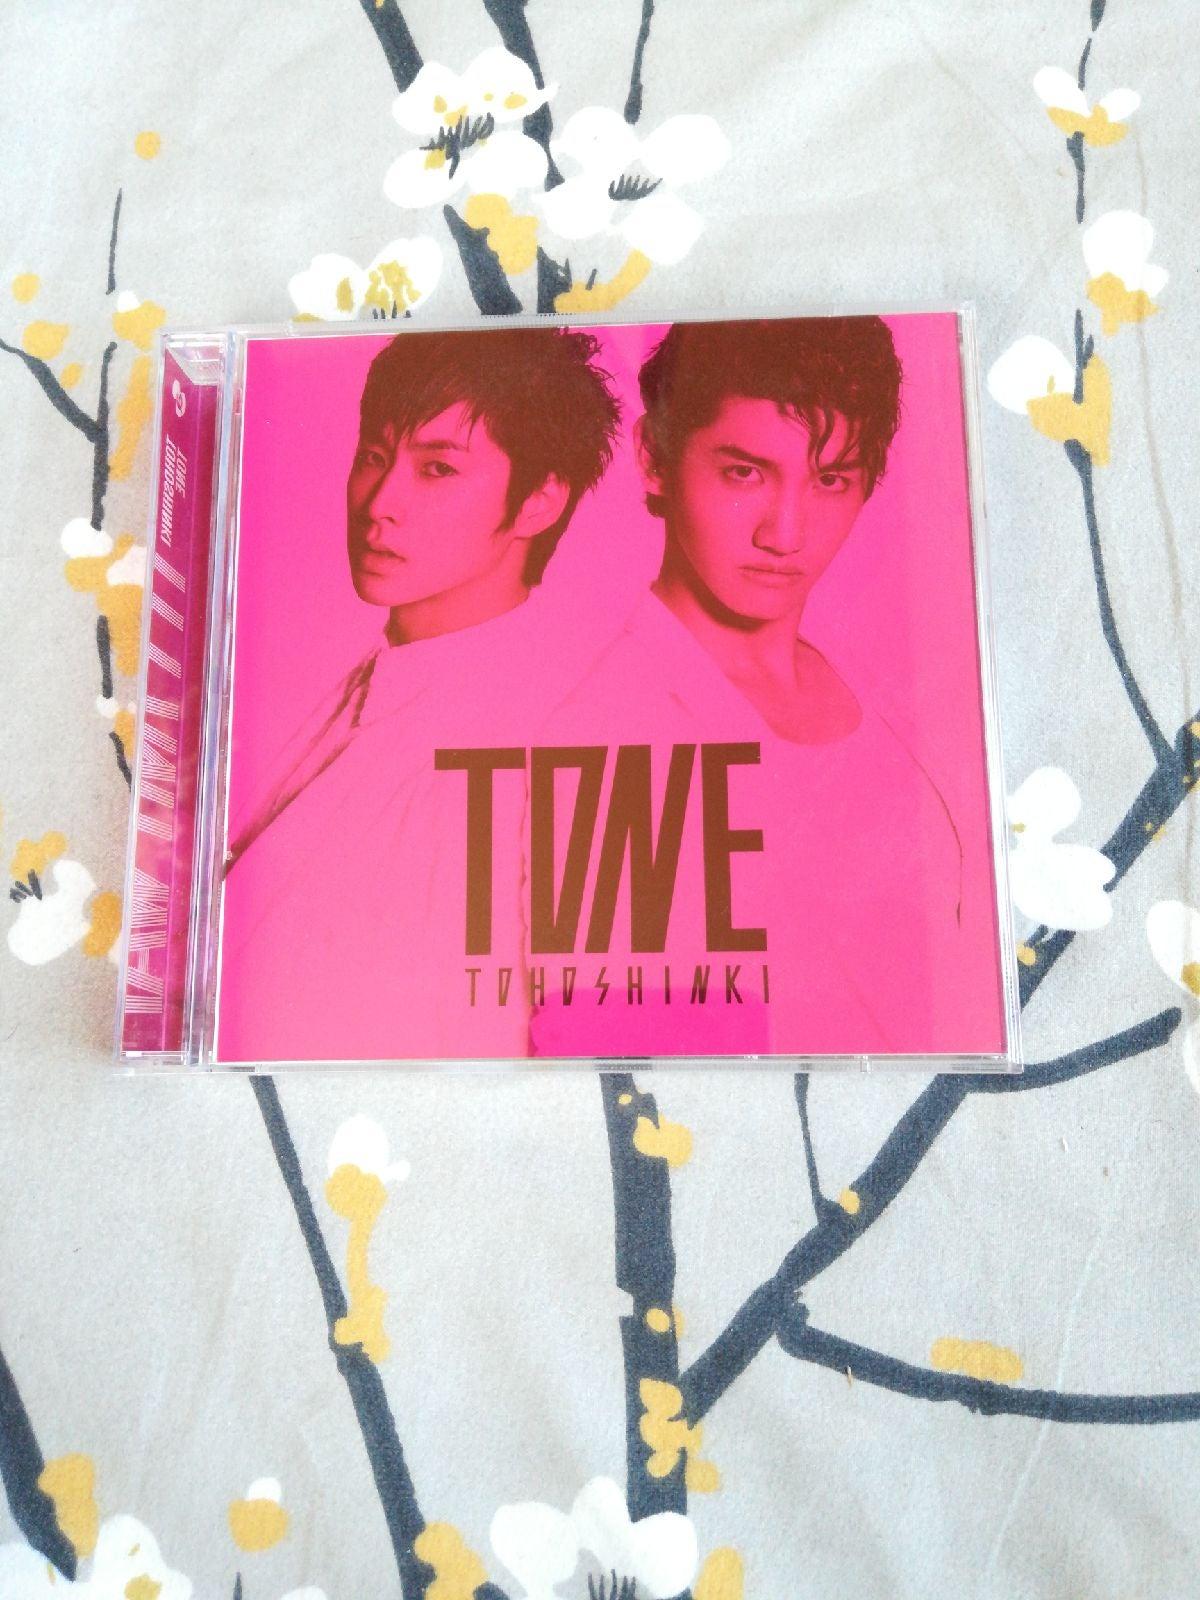 TVXQ tohoshinki Tone Japan cd dvd